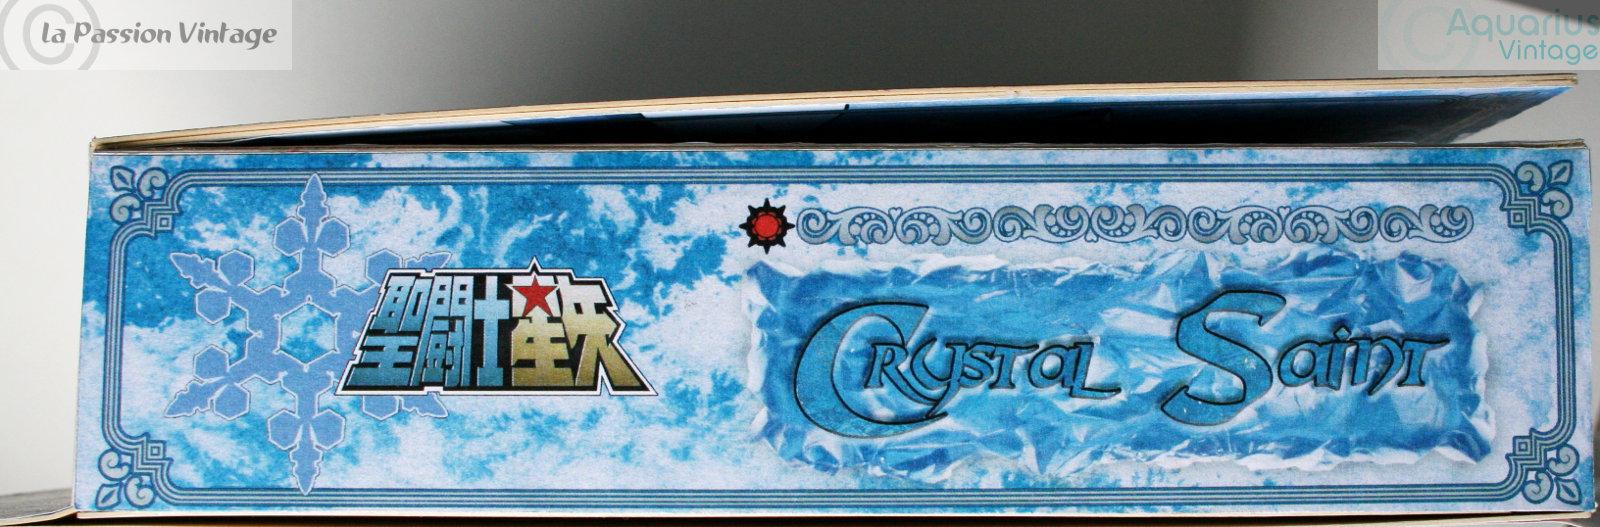 Crystal Saint Vintage Custom by Hikaru84 Crista15